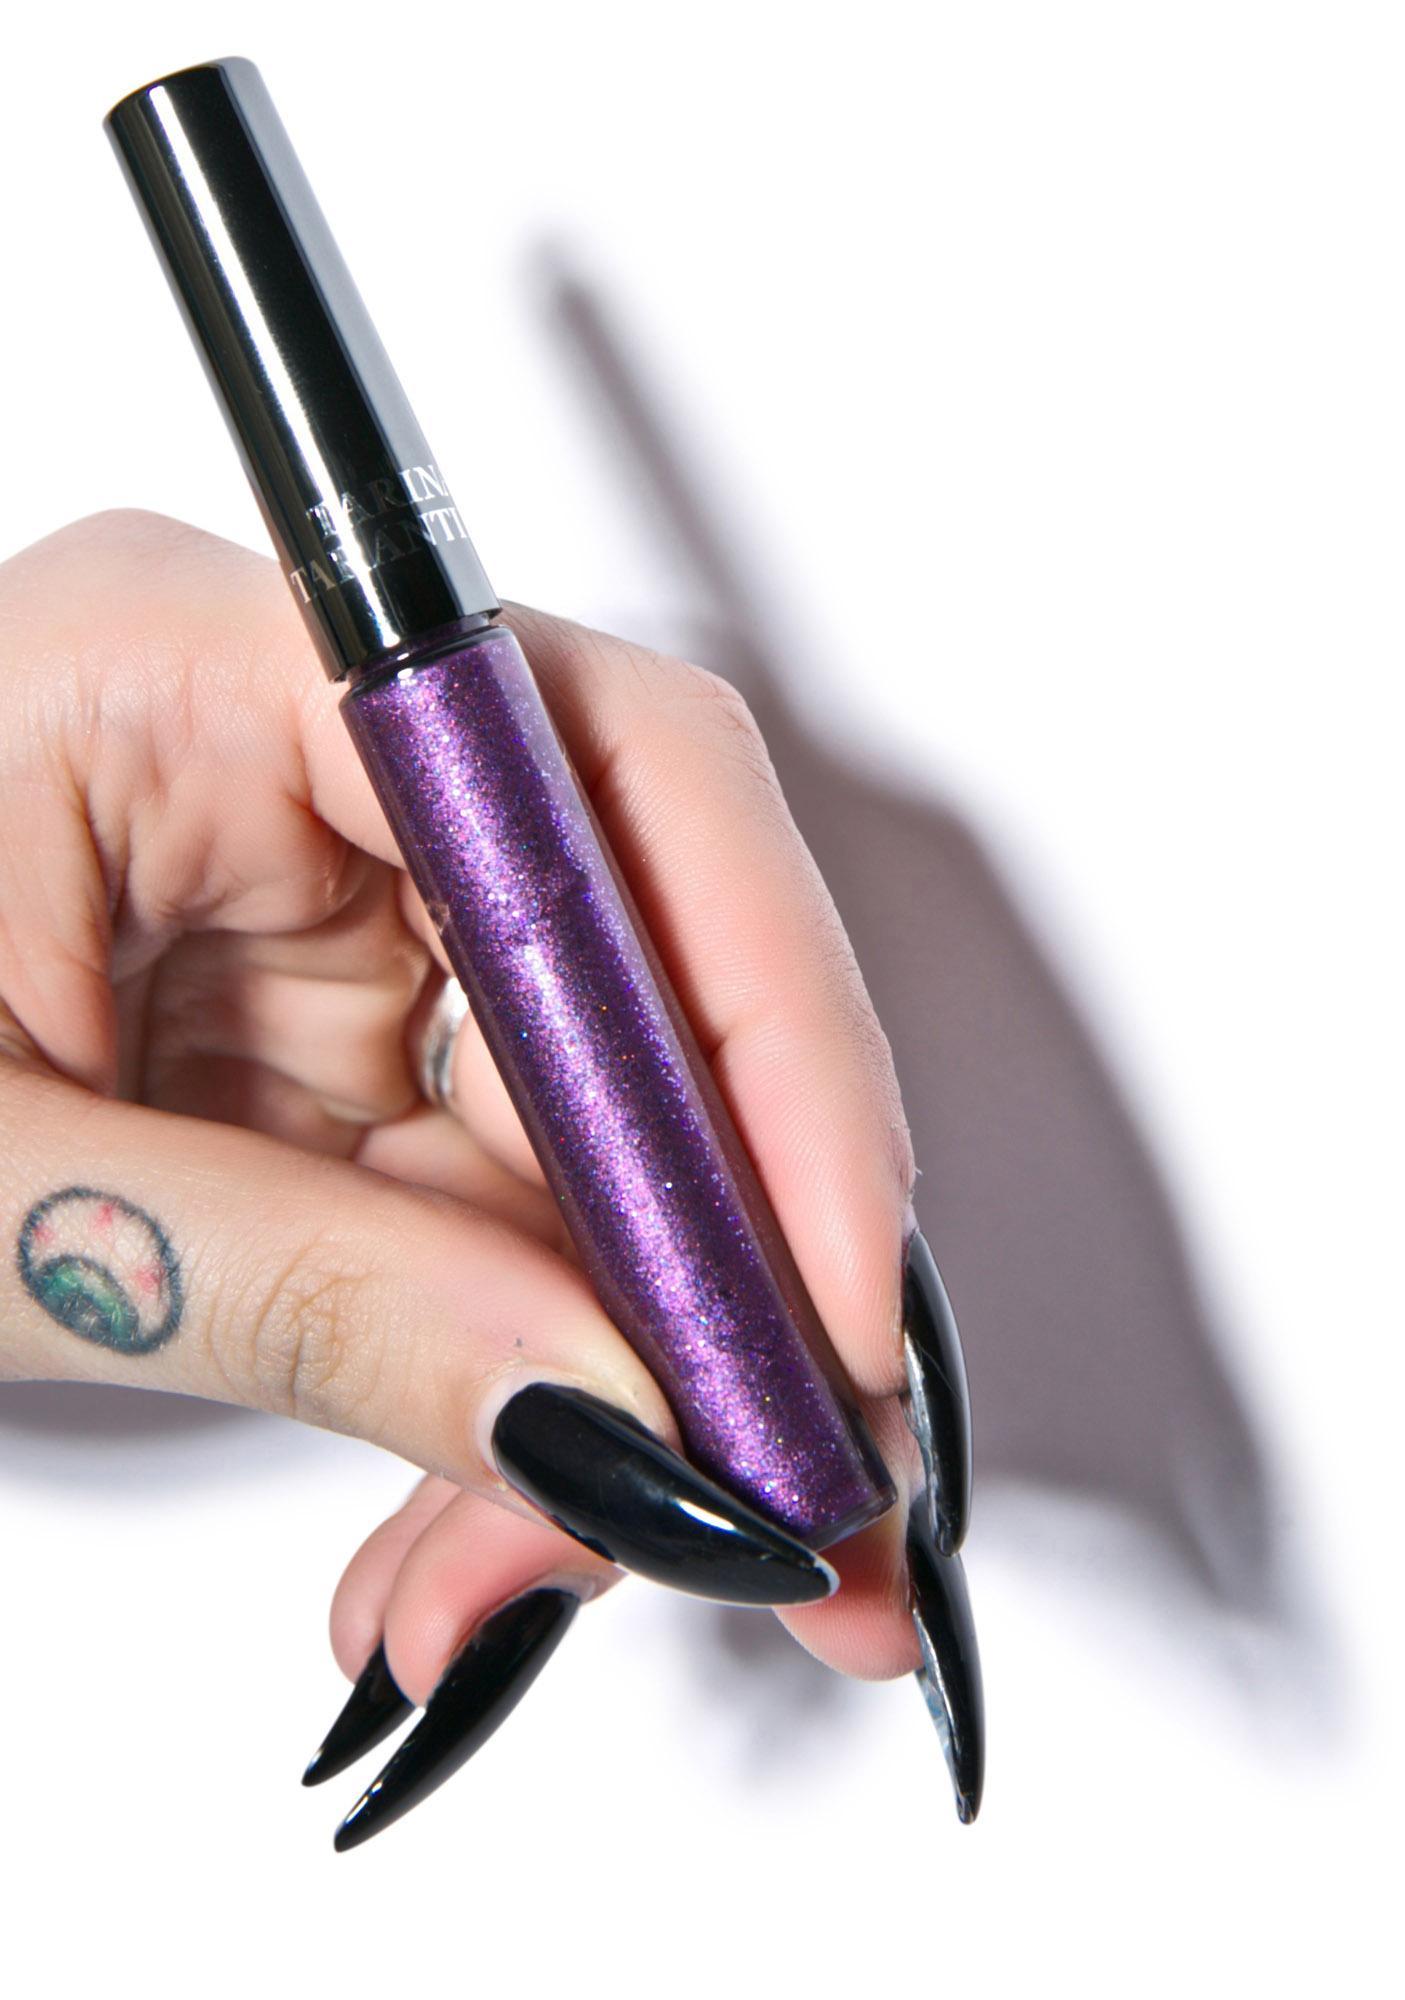 Tarina Tarantino Violet Storm Eyelicity Glitter Liner